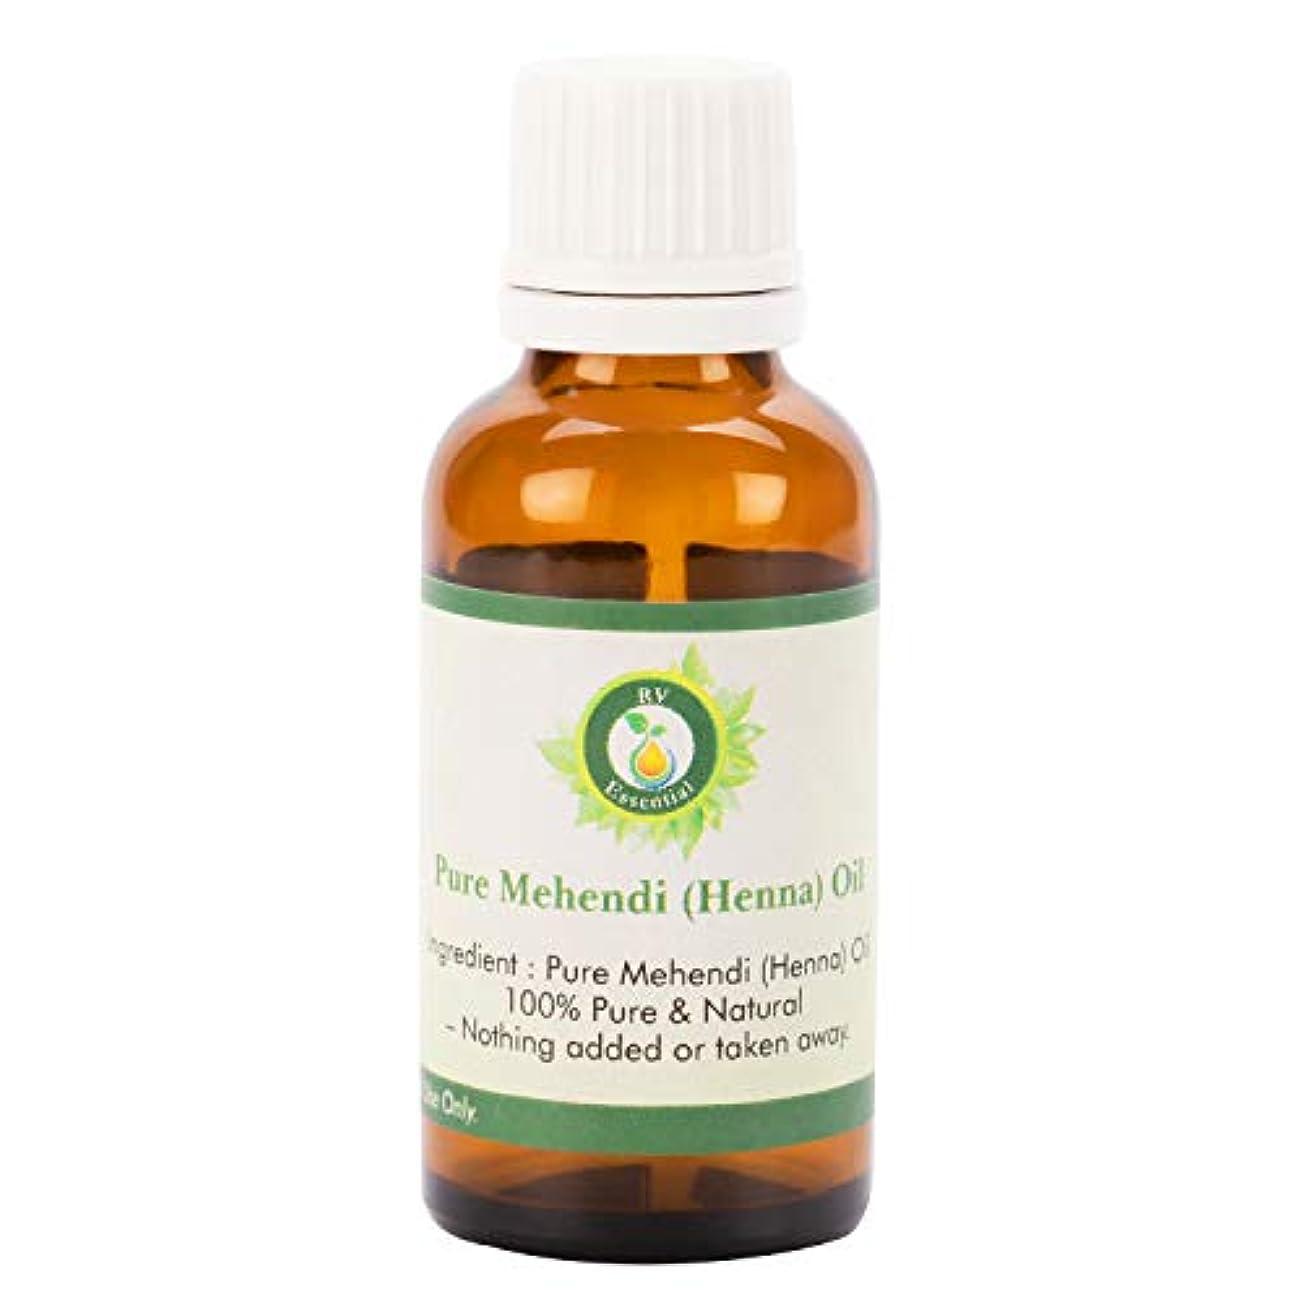 定期的マウント唯一ピュアMehendi(ヘナ)オイル100ml (3.38oz)- (100%純粋でナチュラル) Pure Mehendi (Henna) Oil